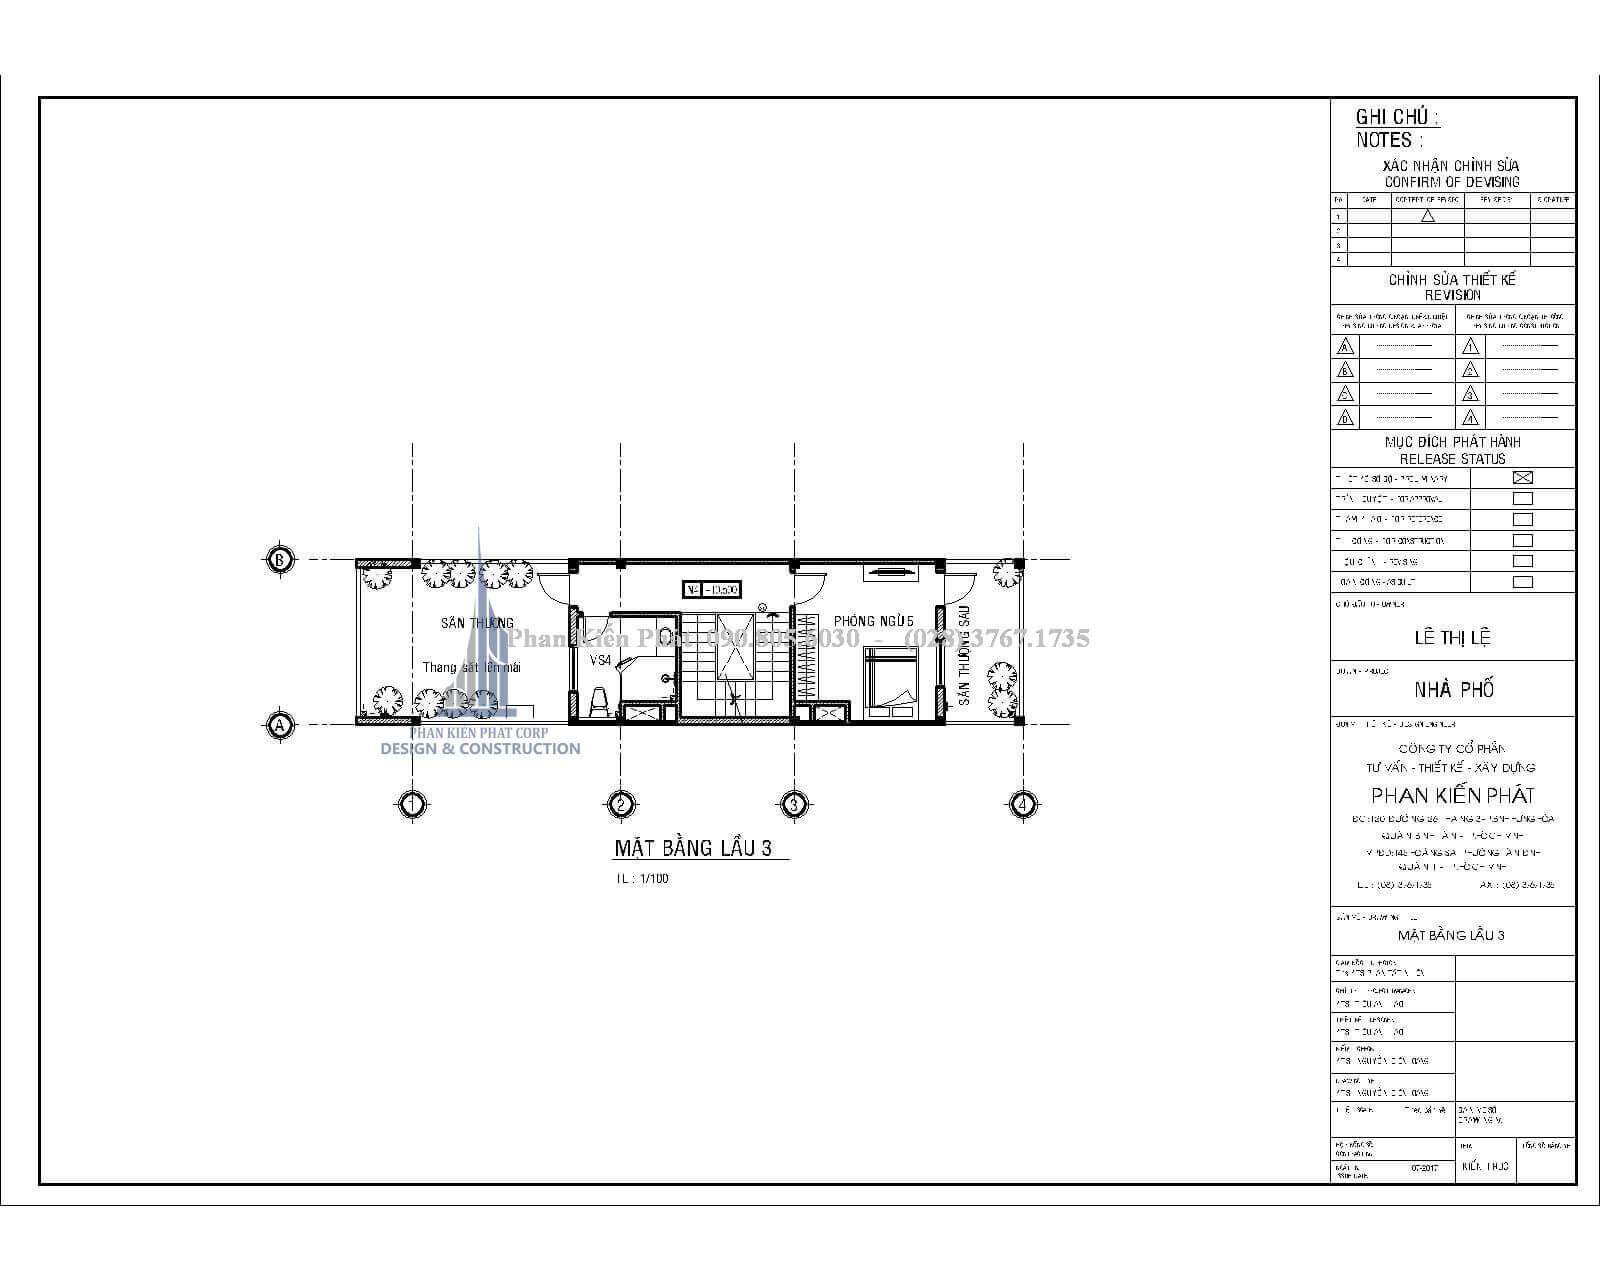 Bố trí mặt bằng lầu 3 nhà phố hiện đại 1 trệt 3 lầu